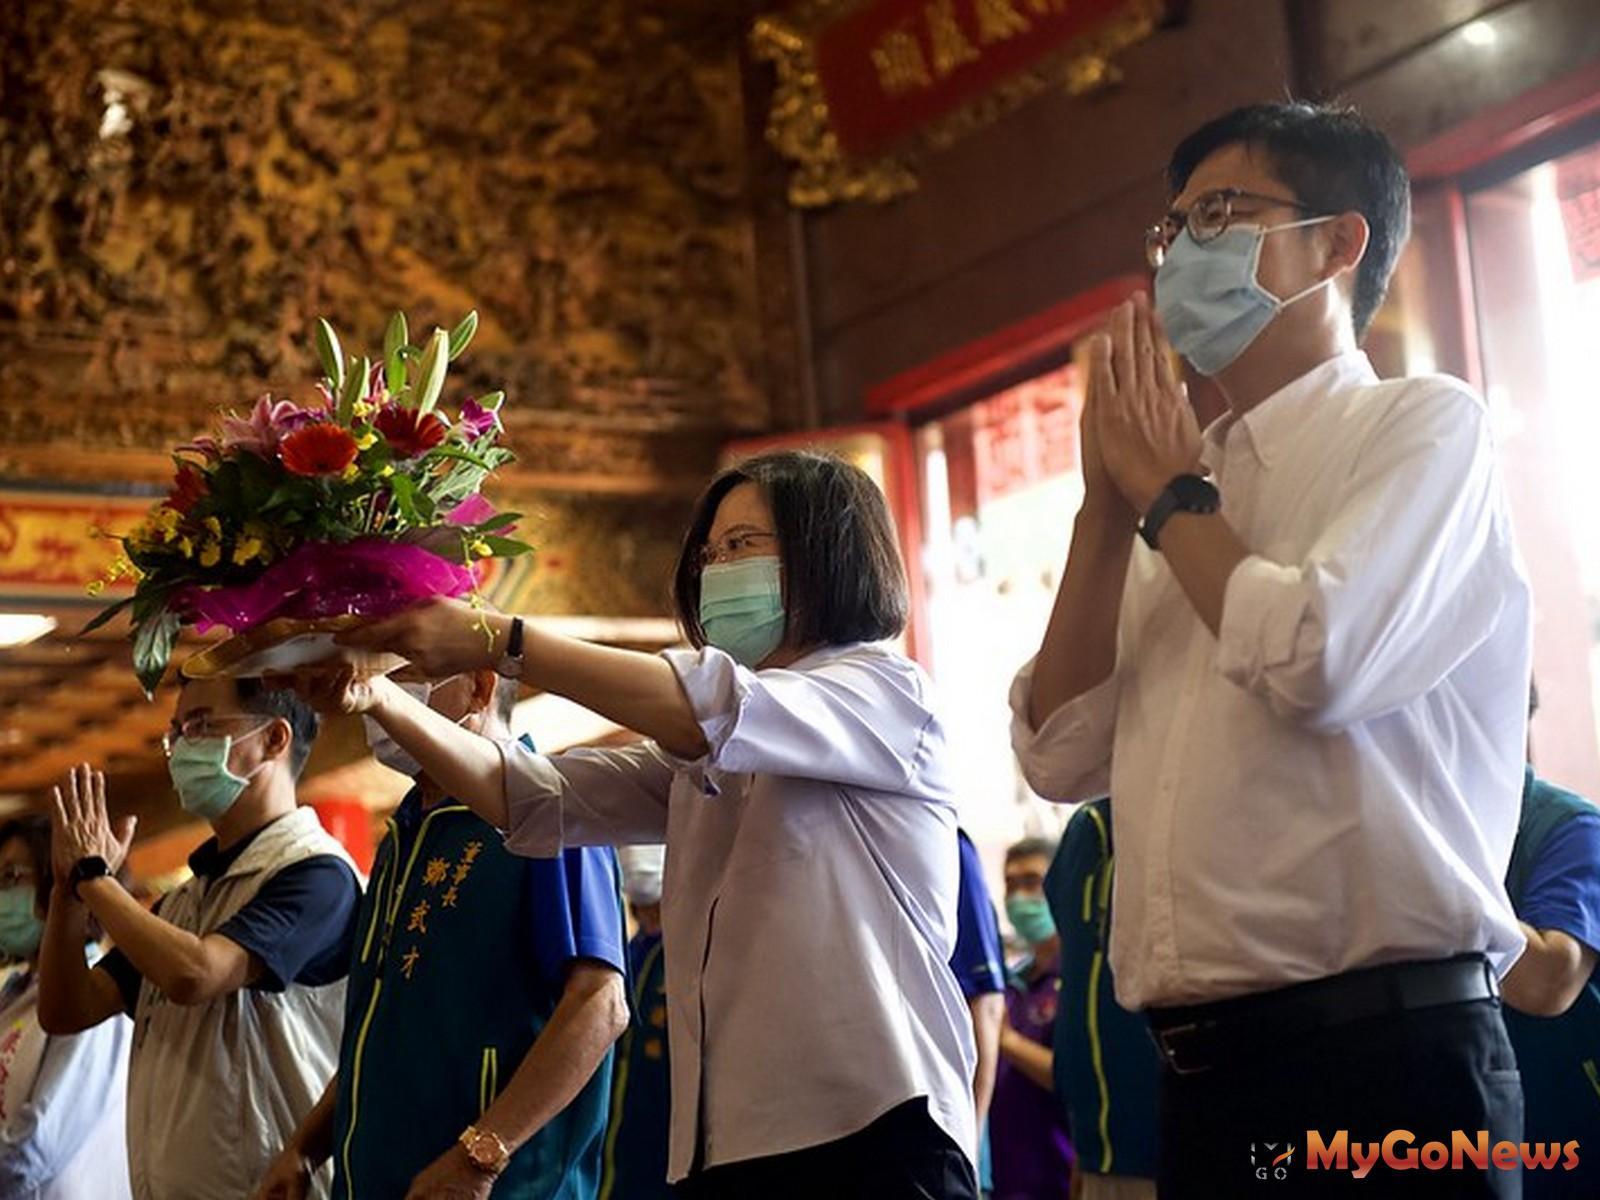 蔡英文總統:中央地方齊心努力,讓高雄轉型,成為台灣下個世代發展的重鎮(圖:總統府) MyGoNews房地產新聞 區域情報